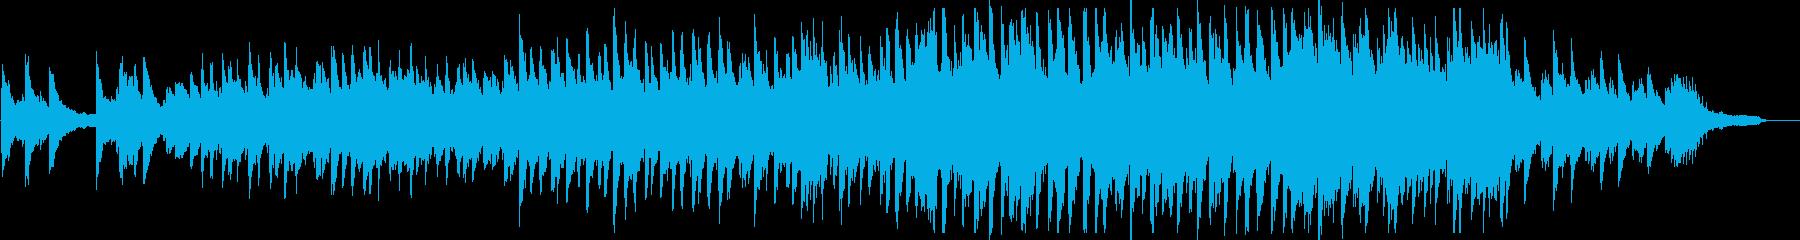 感動・バラード・ピアノ・映像・イベント用の再生済みの波形